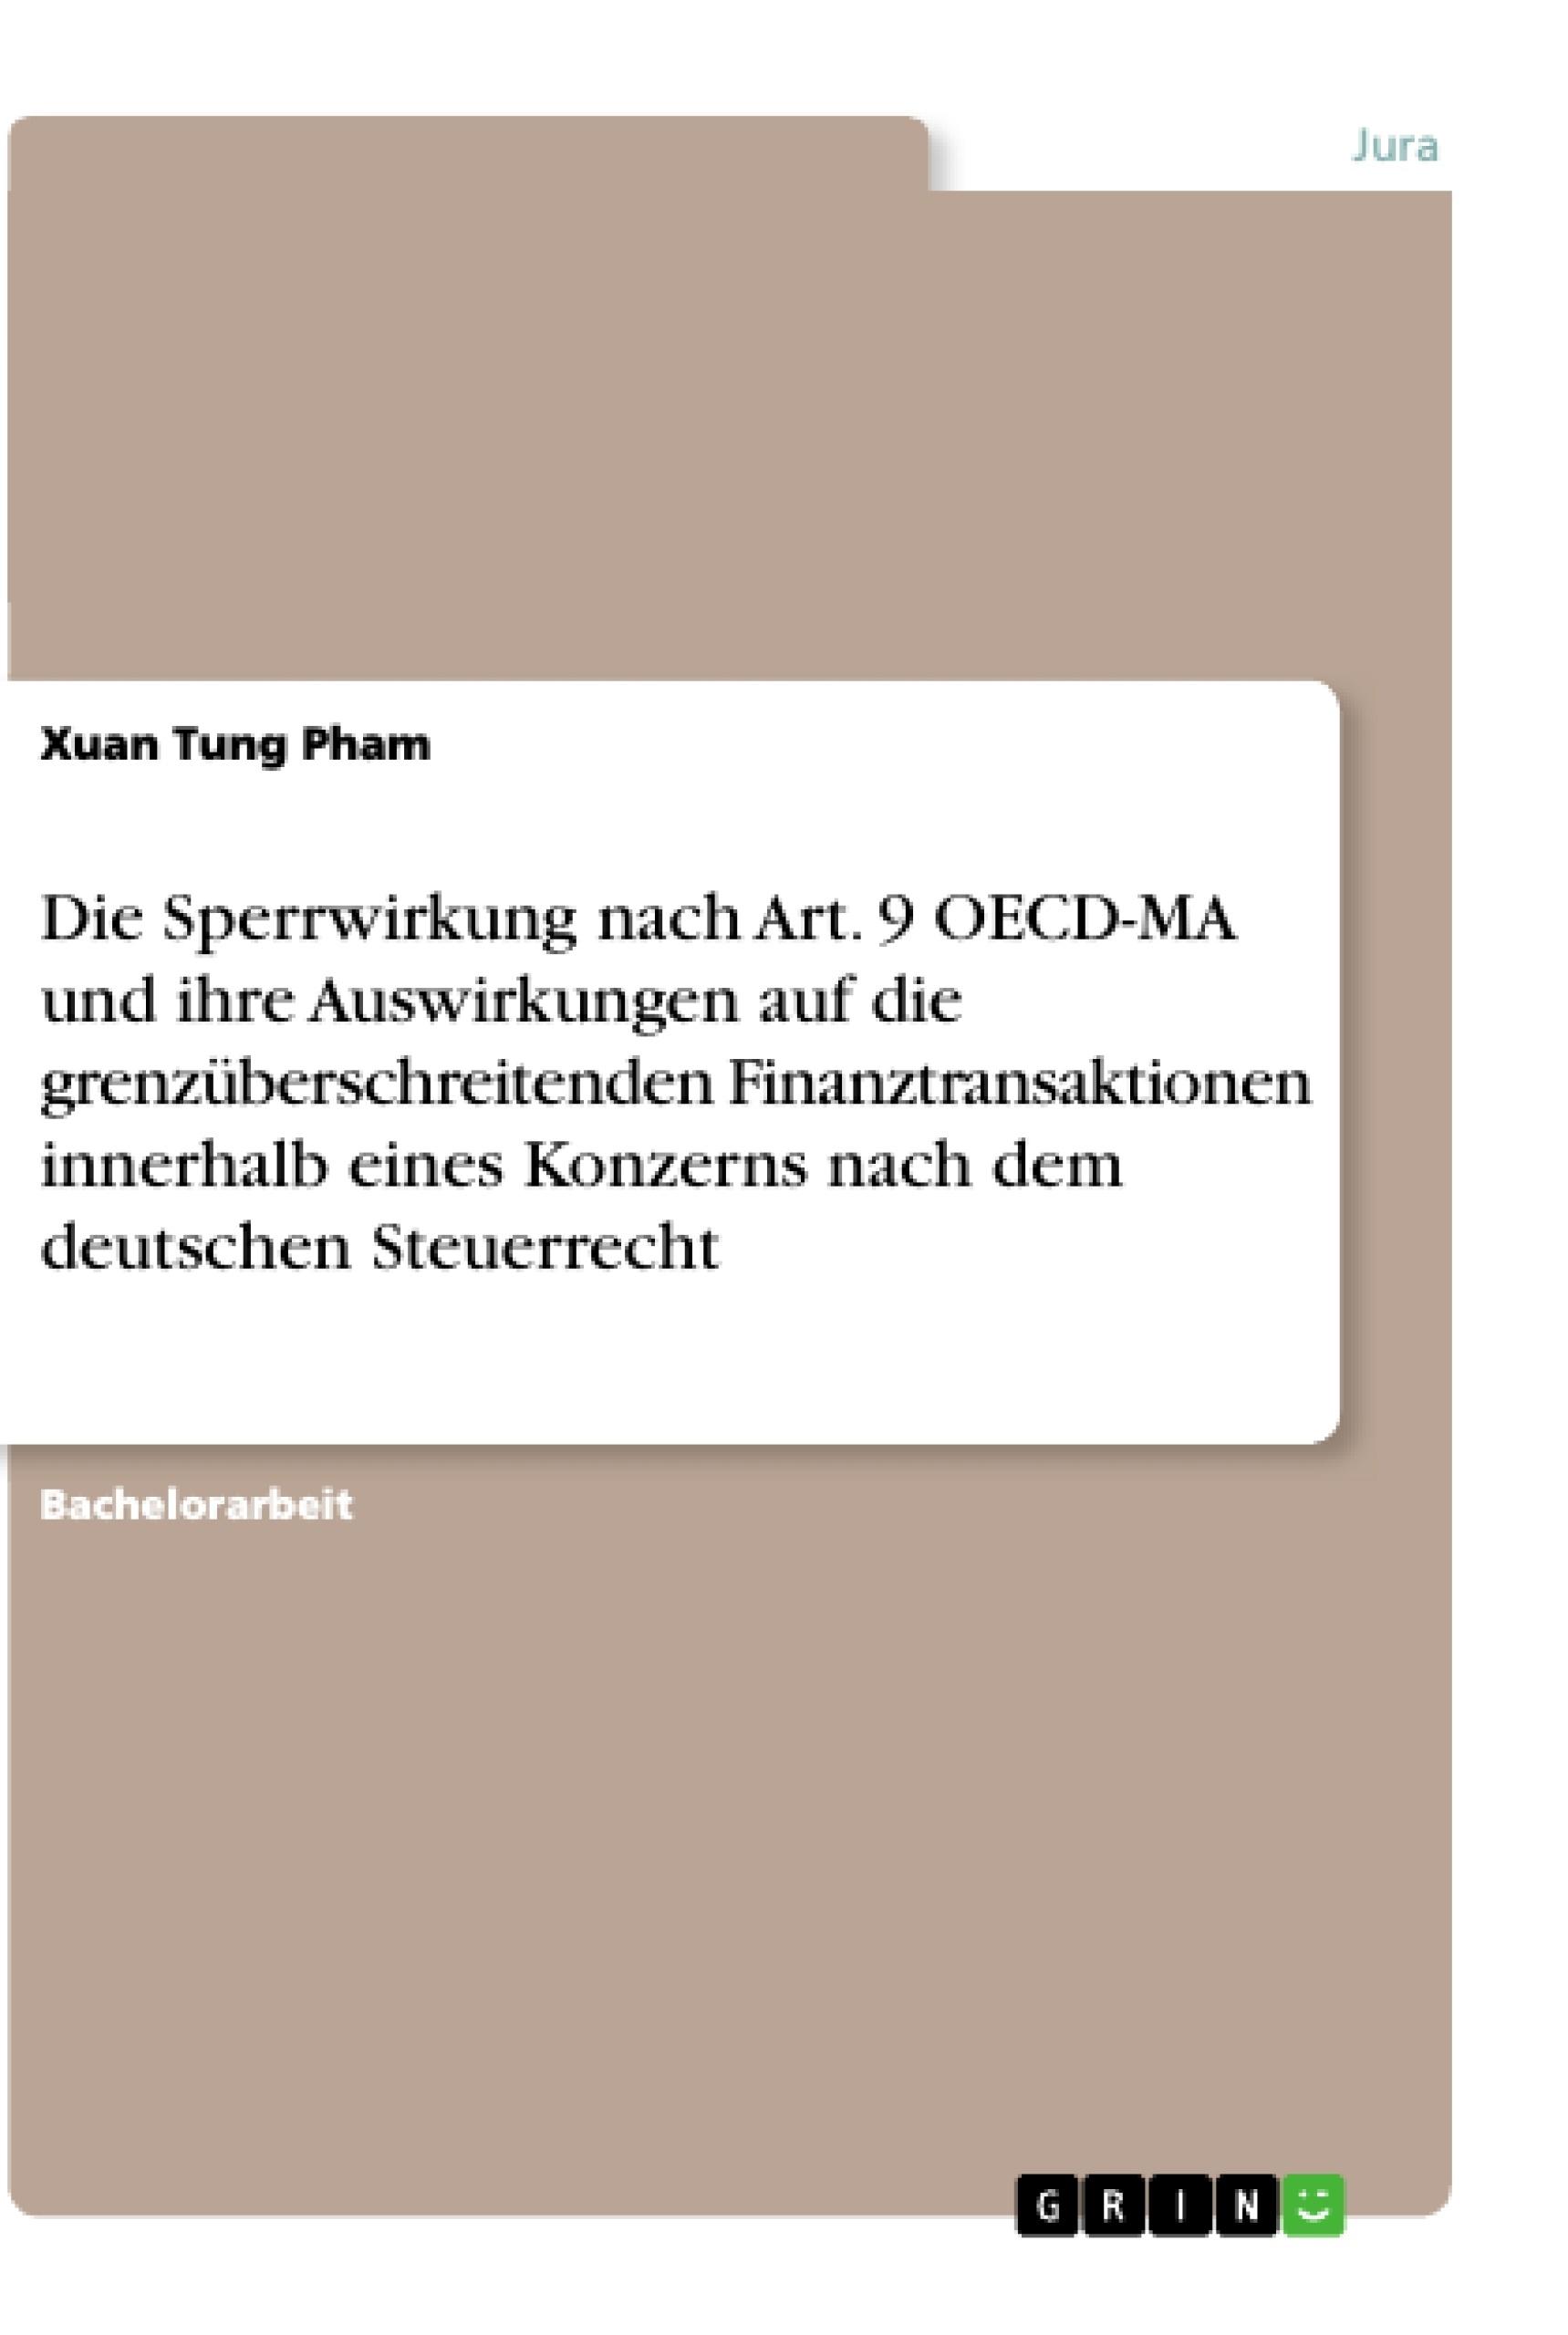 Titel: Die Sperrwirkung nach Art. 9 OECD-MA und ihre Auswirkungen auf die grenzüberschreitenden Finanztransaktionen innerhalb eines Konzerns nach dem deutschen Steuerrecht